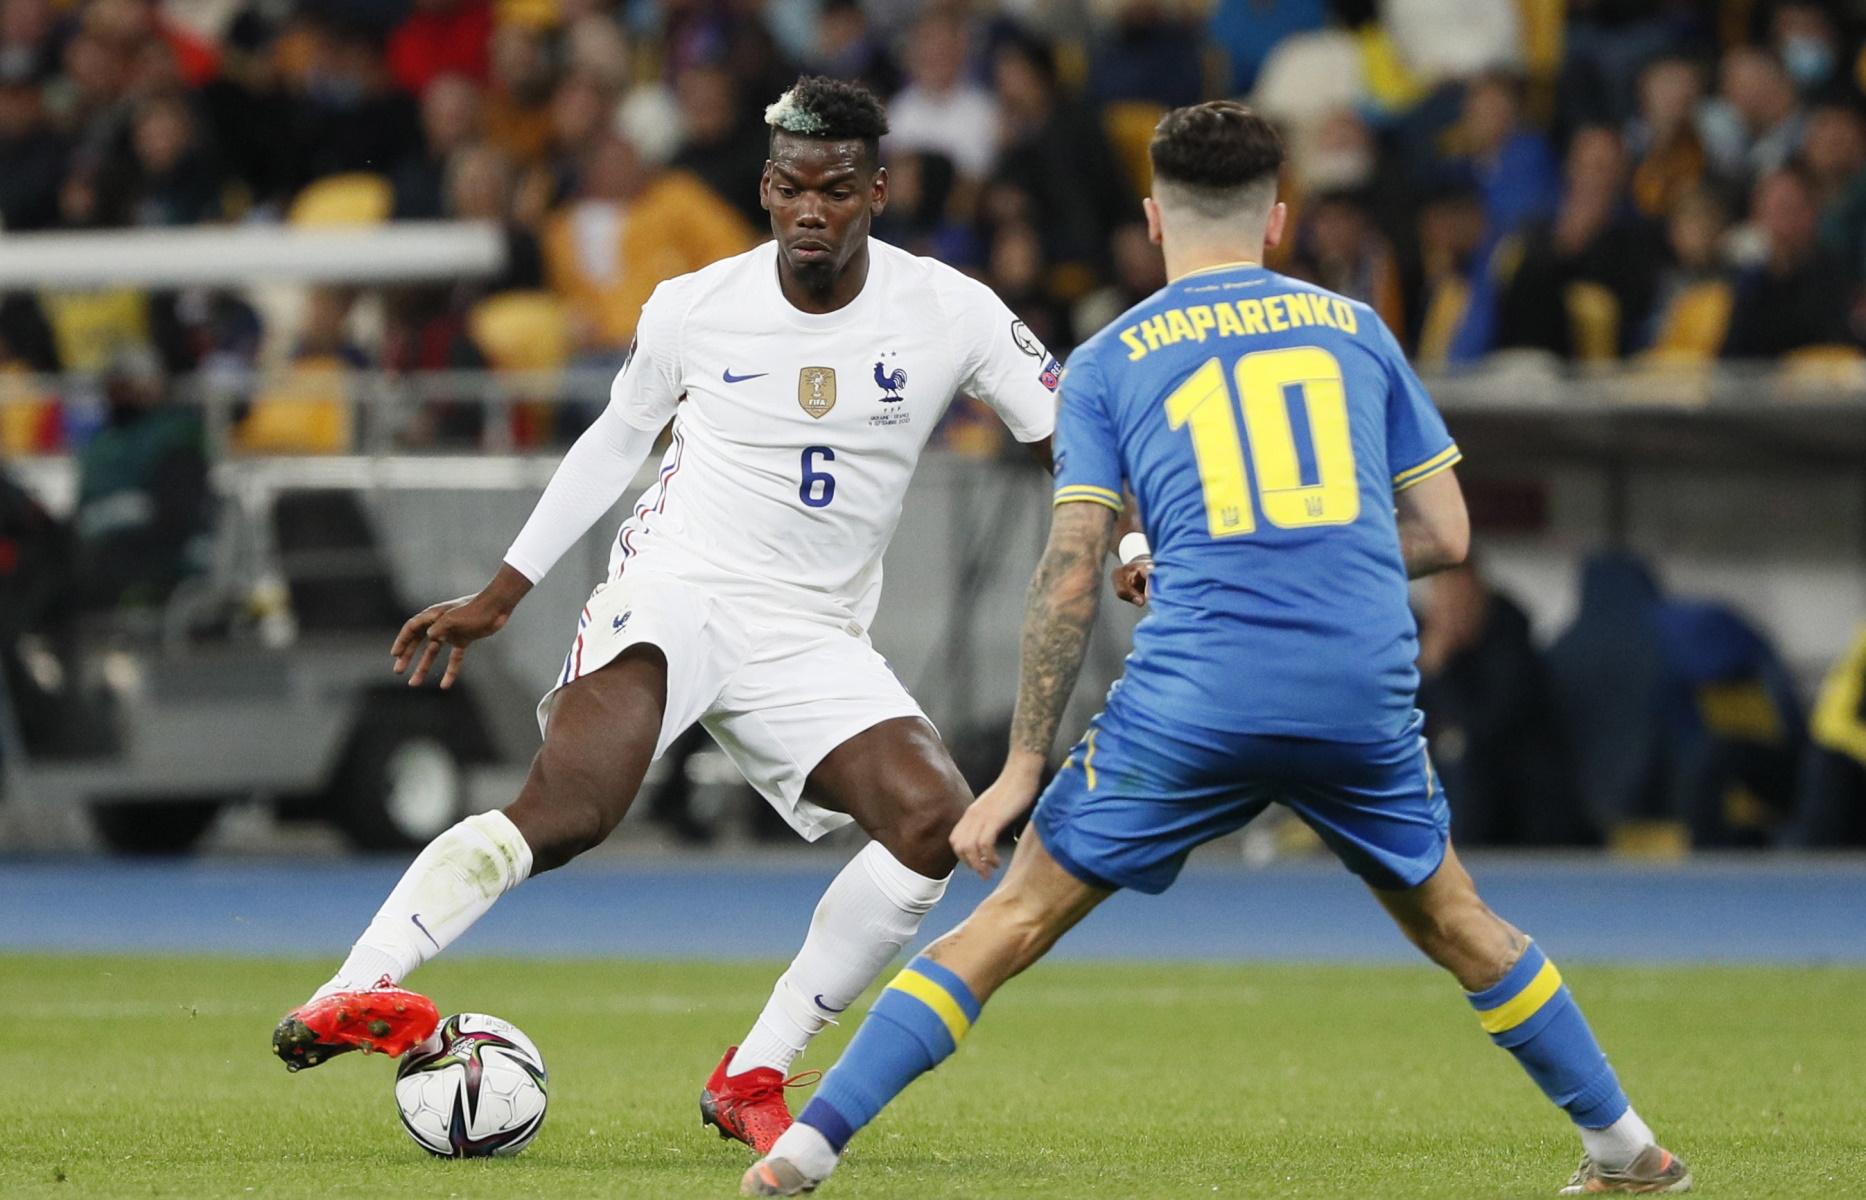 Προκριματικά Παγκοσμίου Κυπέλλου: Νέα απώλεια η Γαλλία, «απόλυτη» η Δανία – «Χαμός» στον 7ο όμιλο